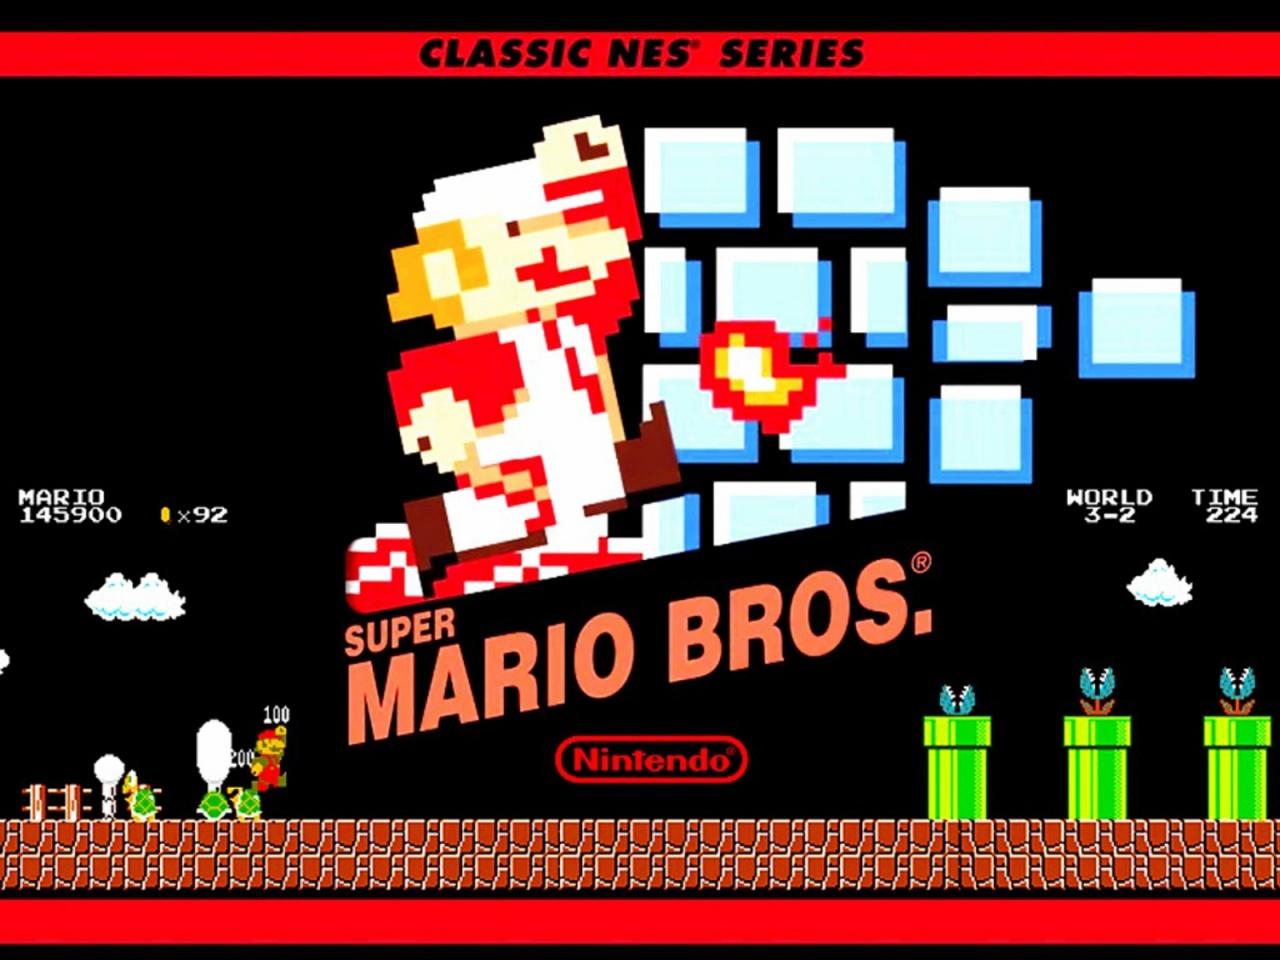 Jogos mais vendidos Mario